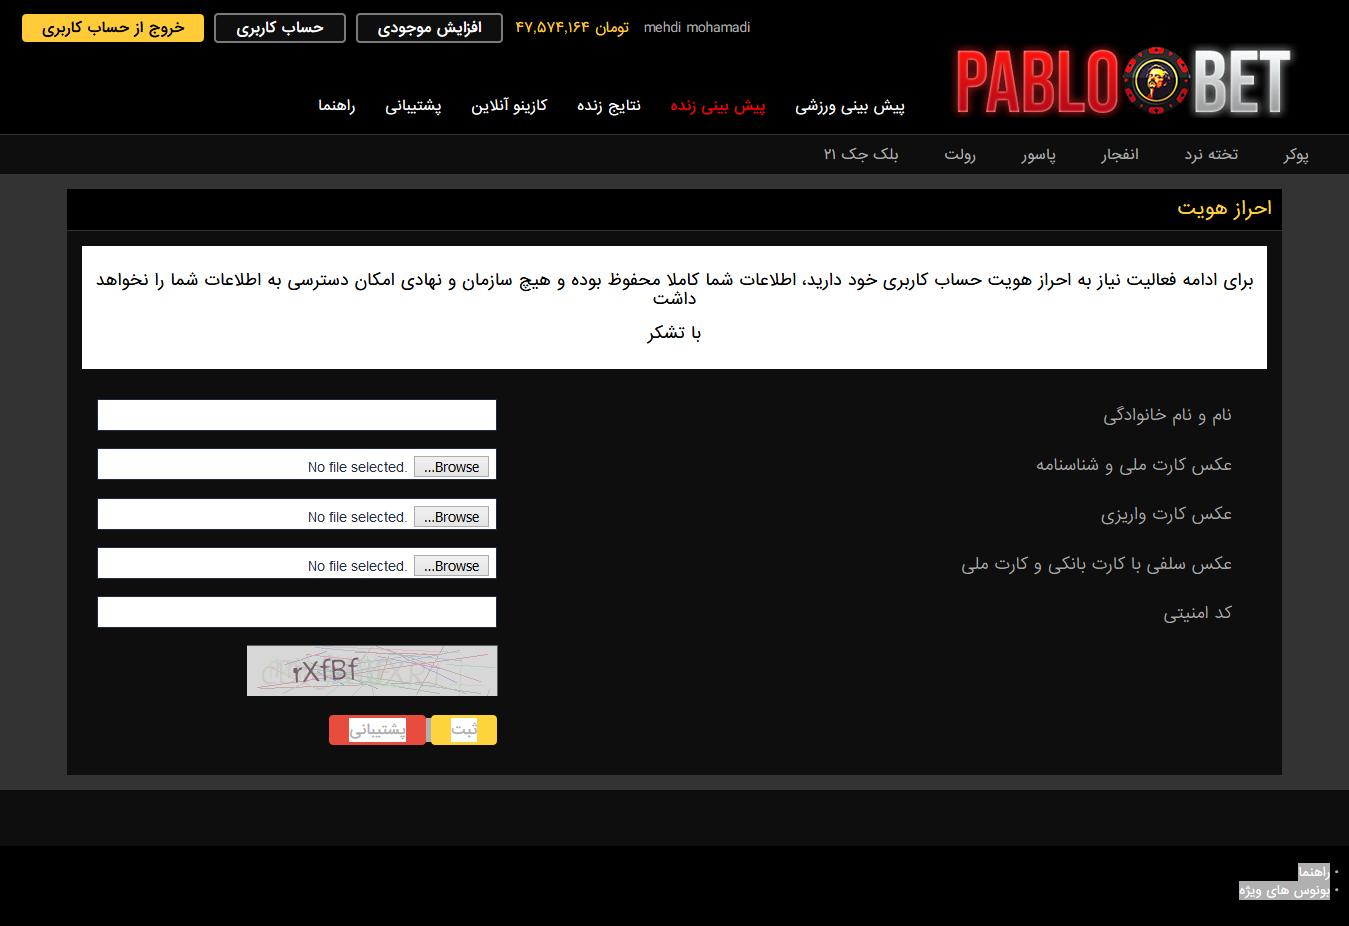 دزدی سایت پابلوبت از کاربران